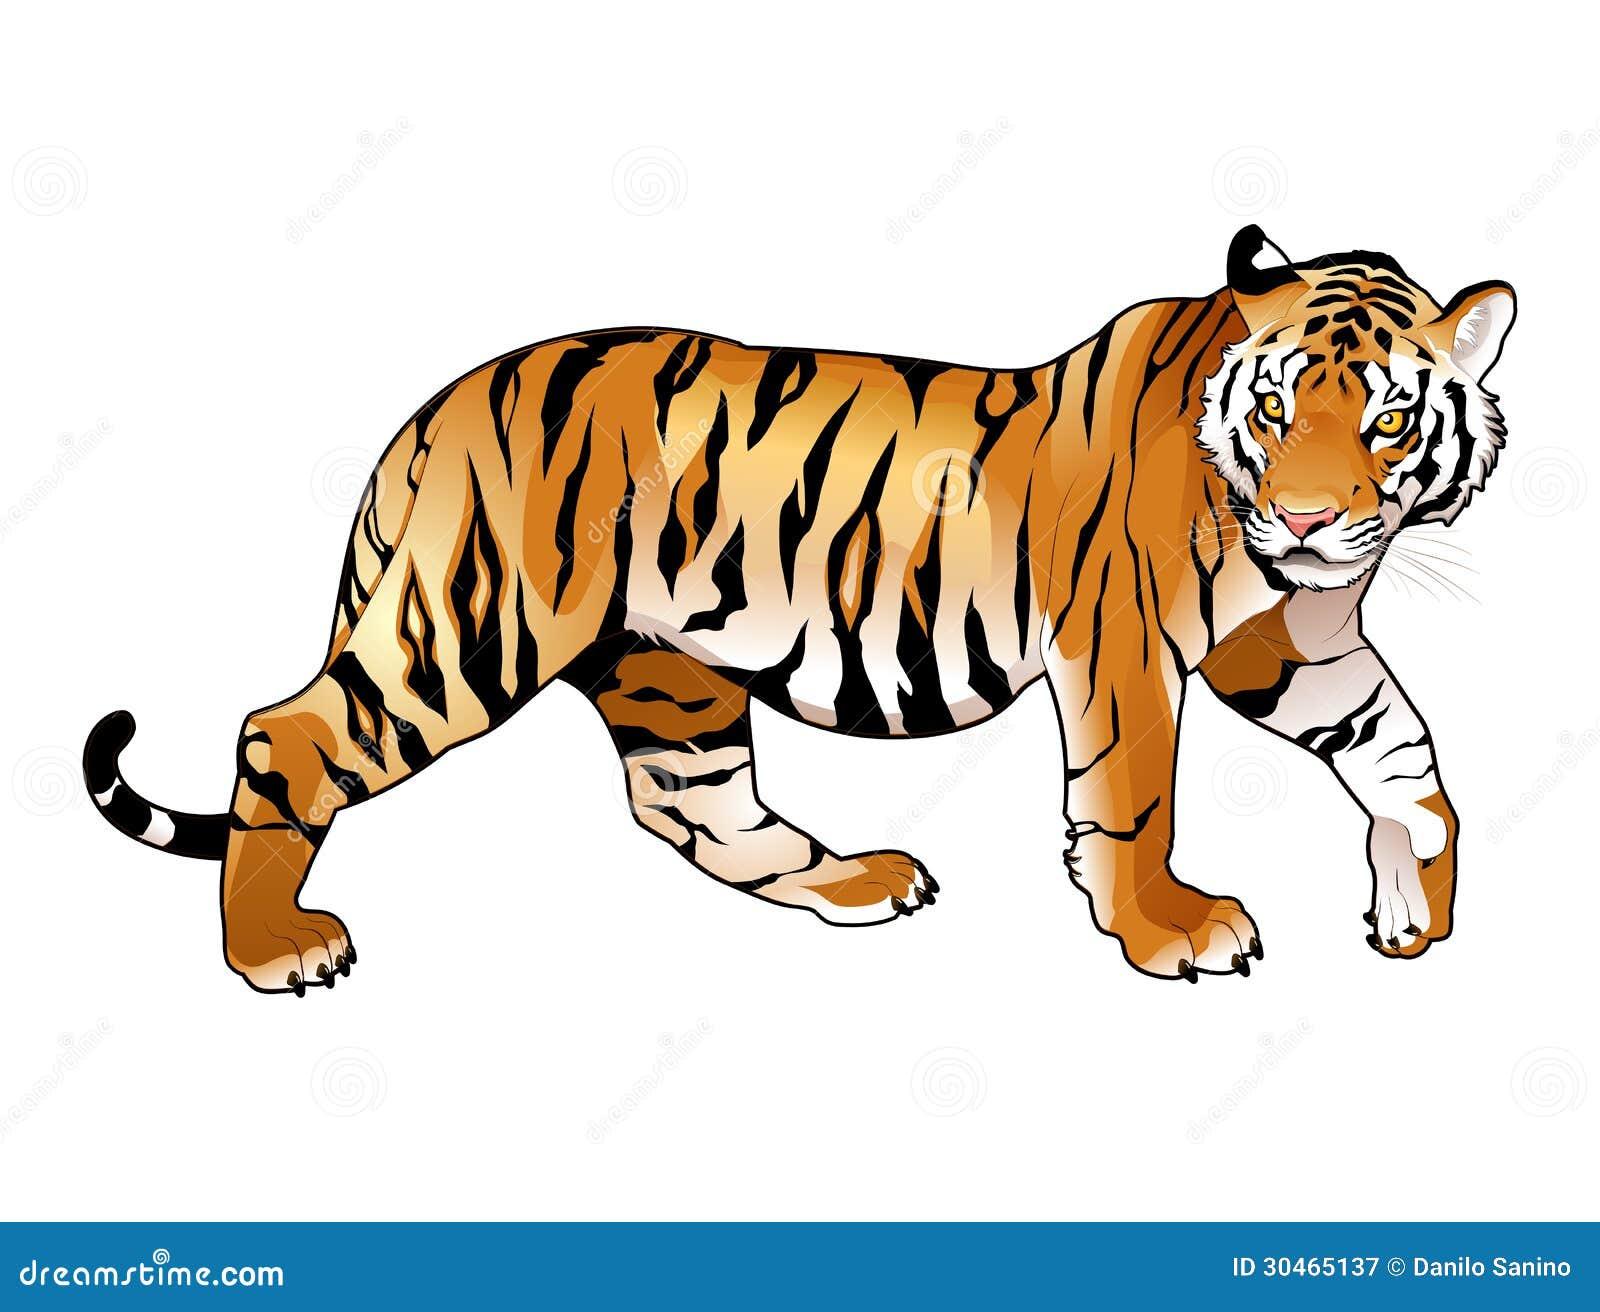 Rode tijger.